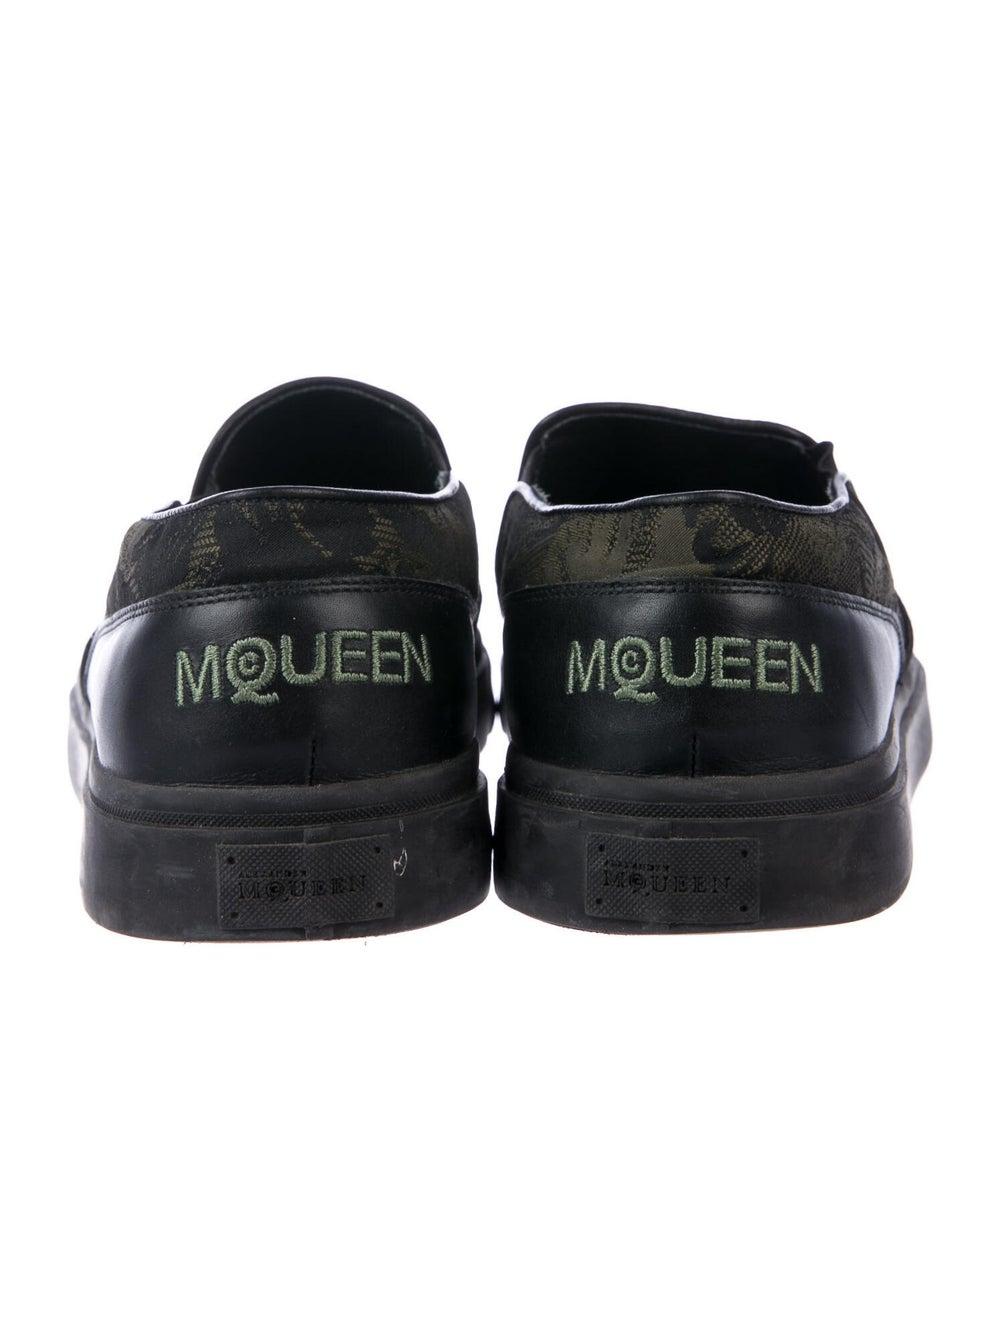 Alexander McQueen Printed Sneakers Black - image 4